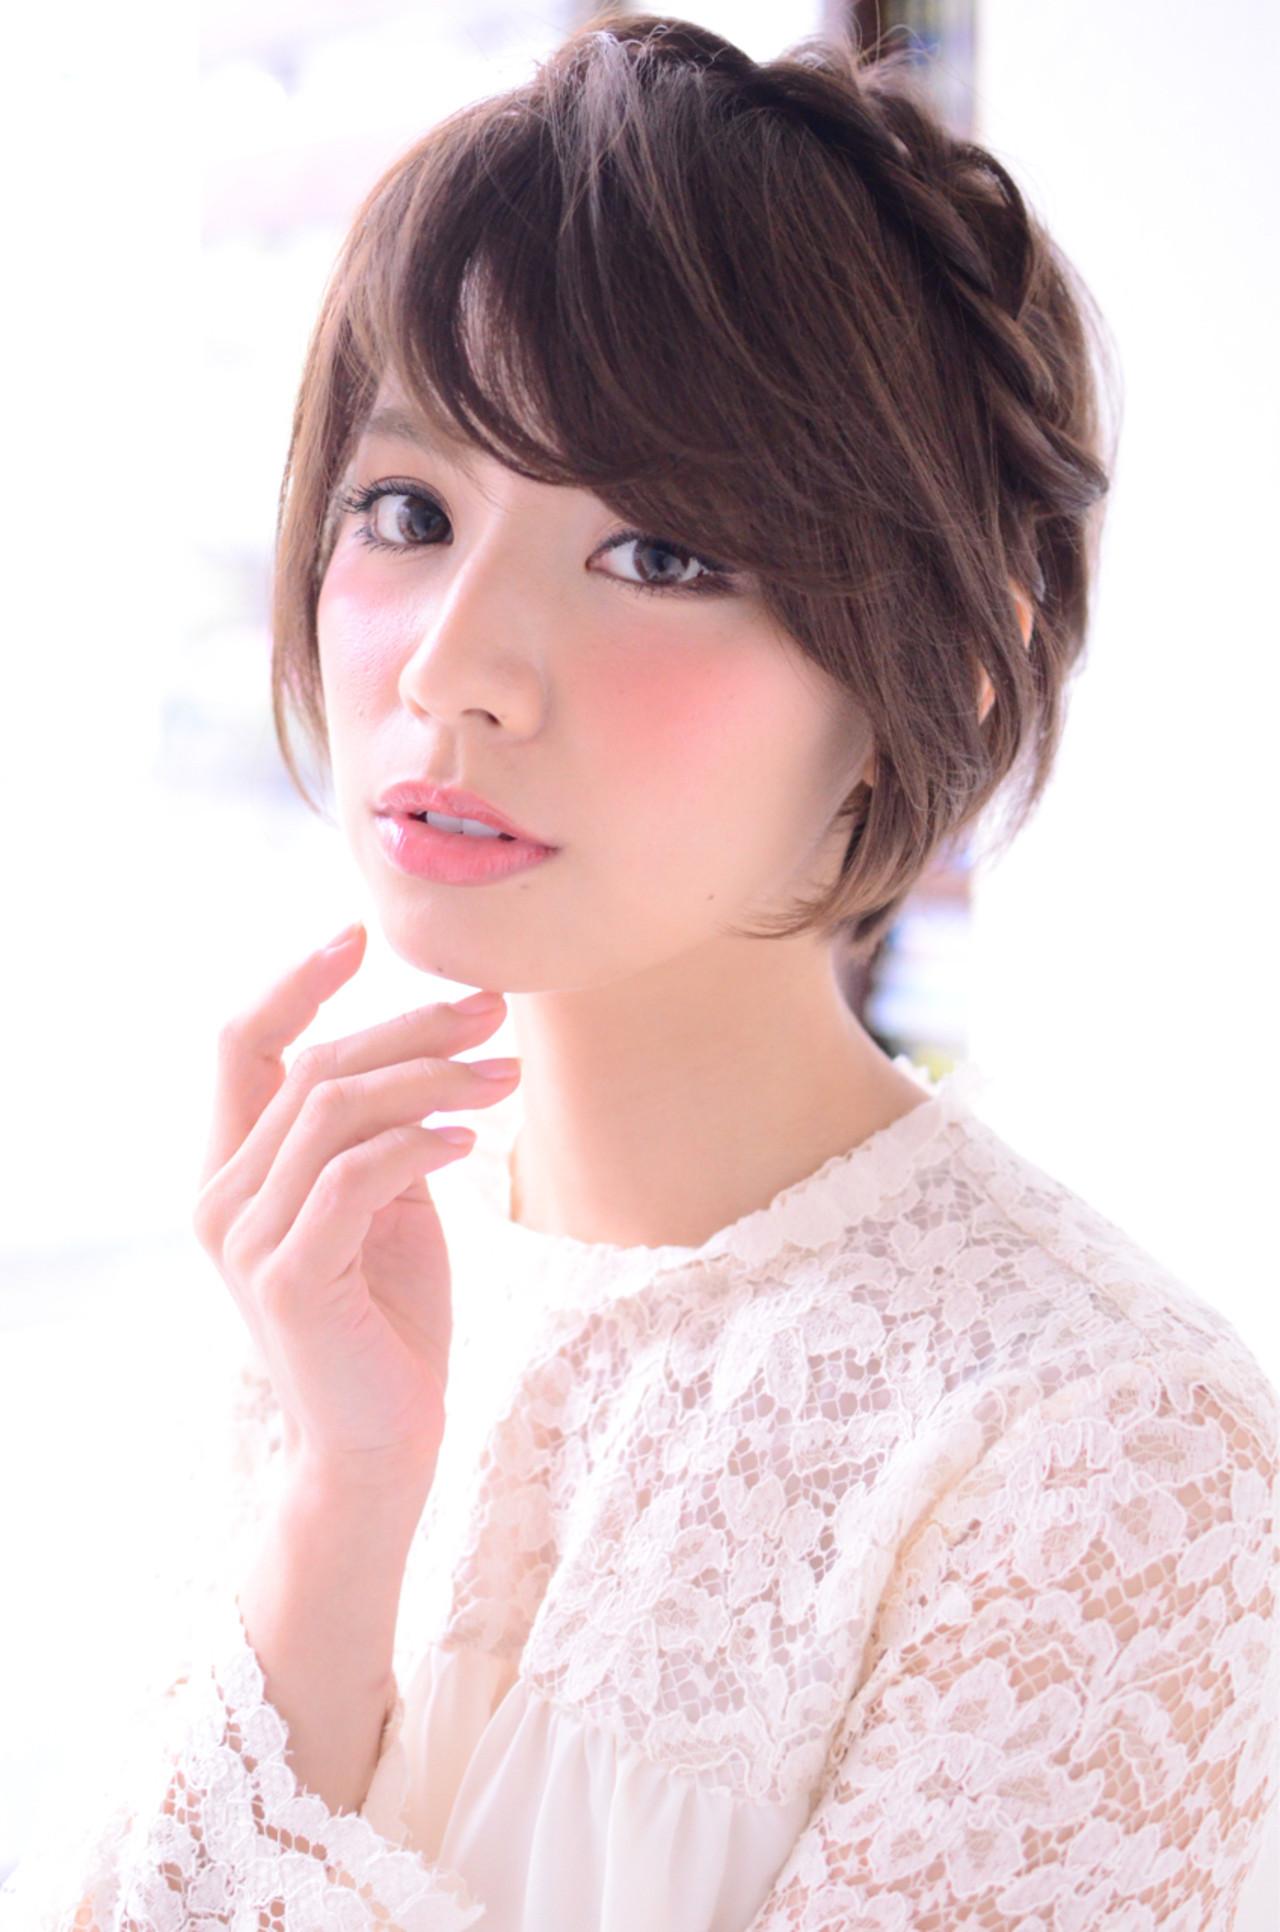 自分でできる!編み込みカチューシャ♪基本のやり方をご紹介! Kasumi Nishimoto